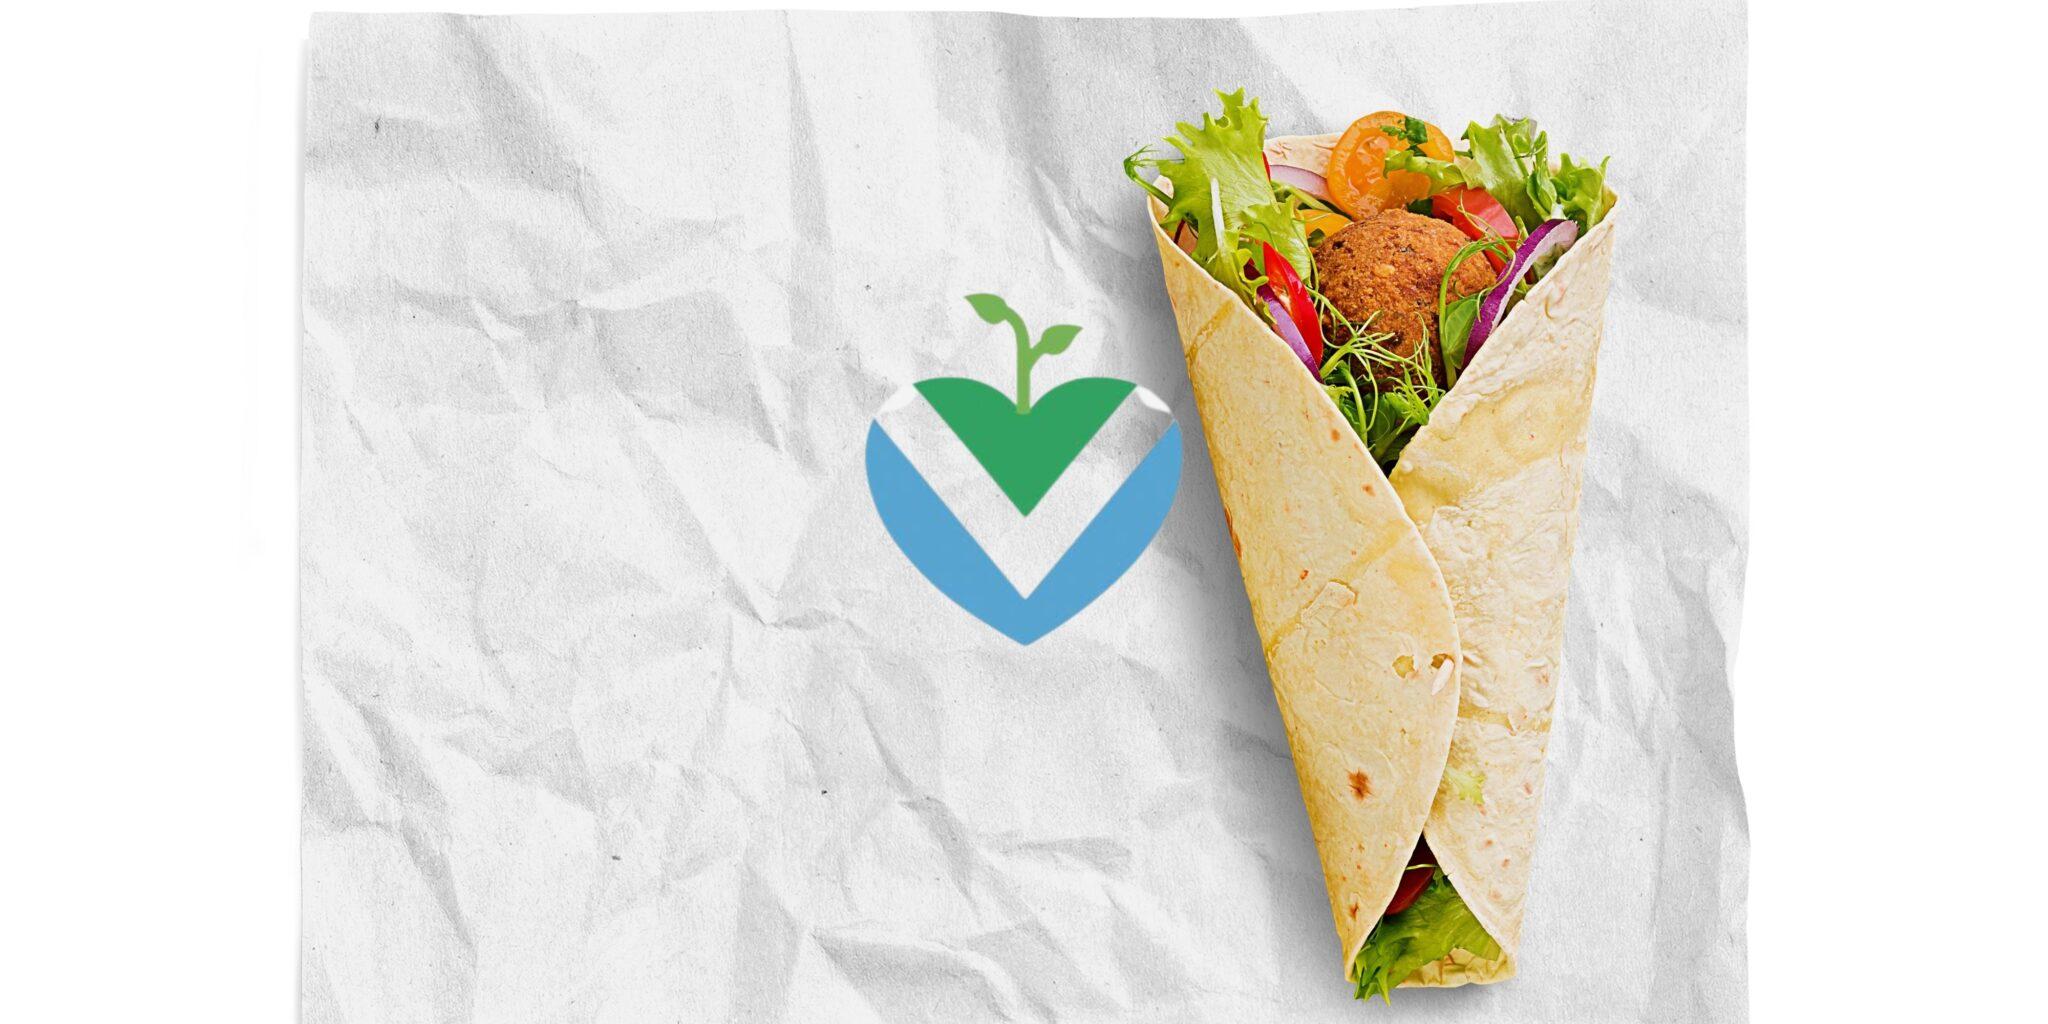 Dieta baseada em vegetais: de Portugal para o mundo